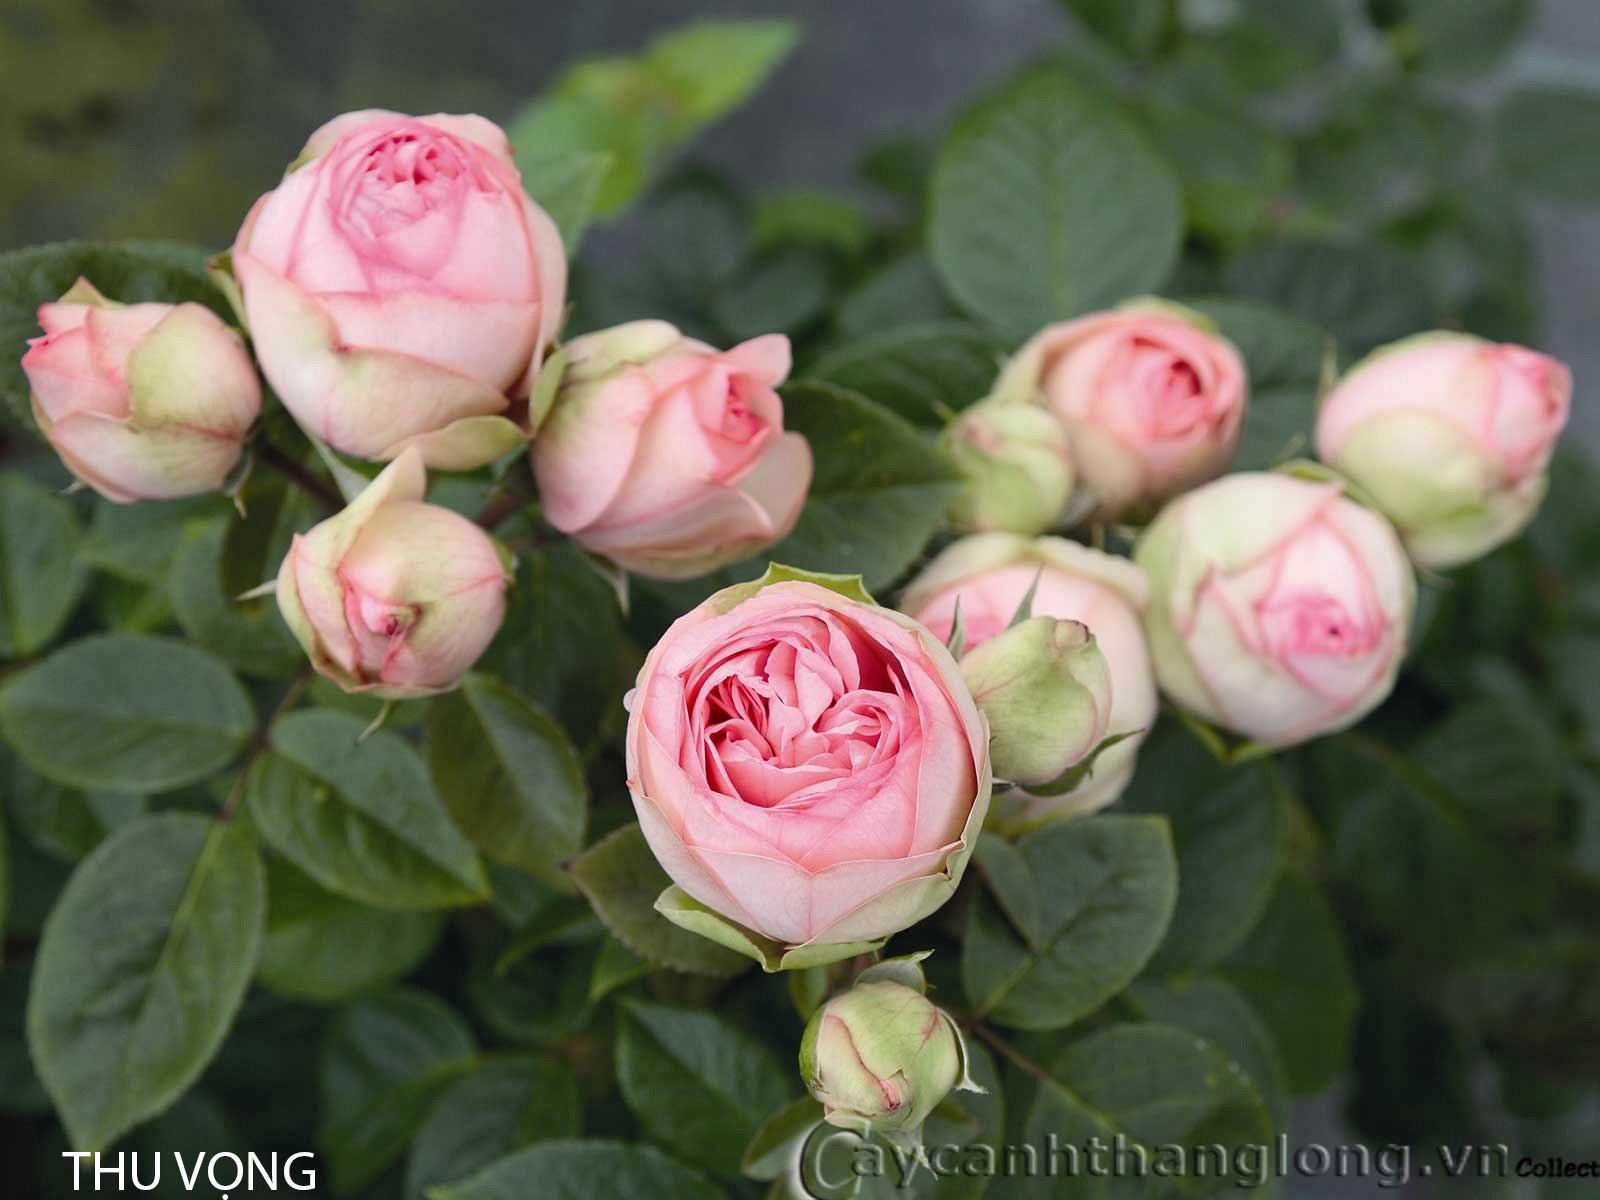 Cây hoa hồng leo Thu Vọng 130